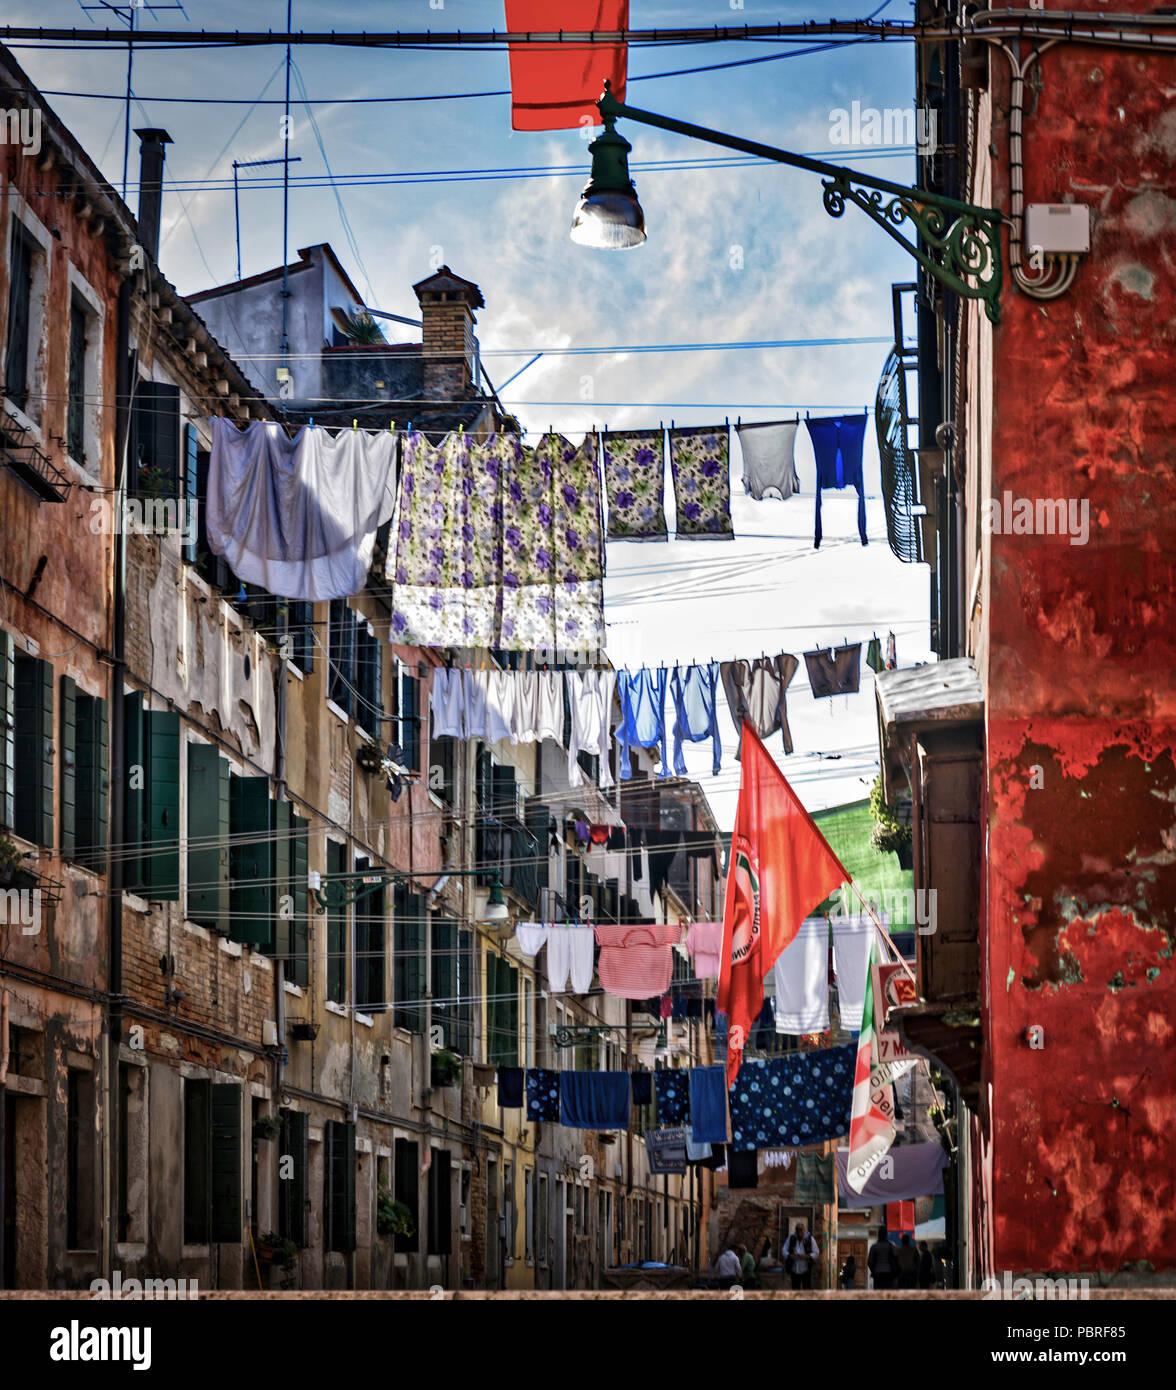 Chaque jour est jour de lessive qui peut faire une vue intéressante lorsque tout le quartier coordonne la journée Photo Stock